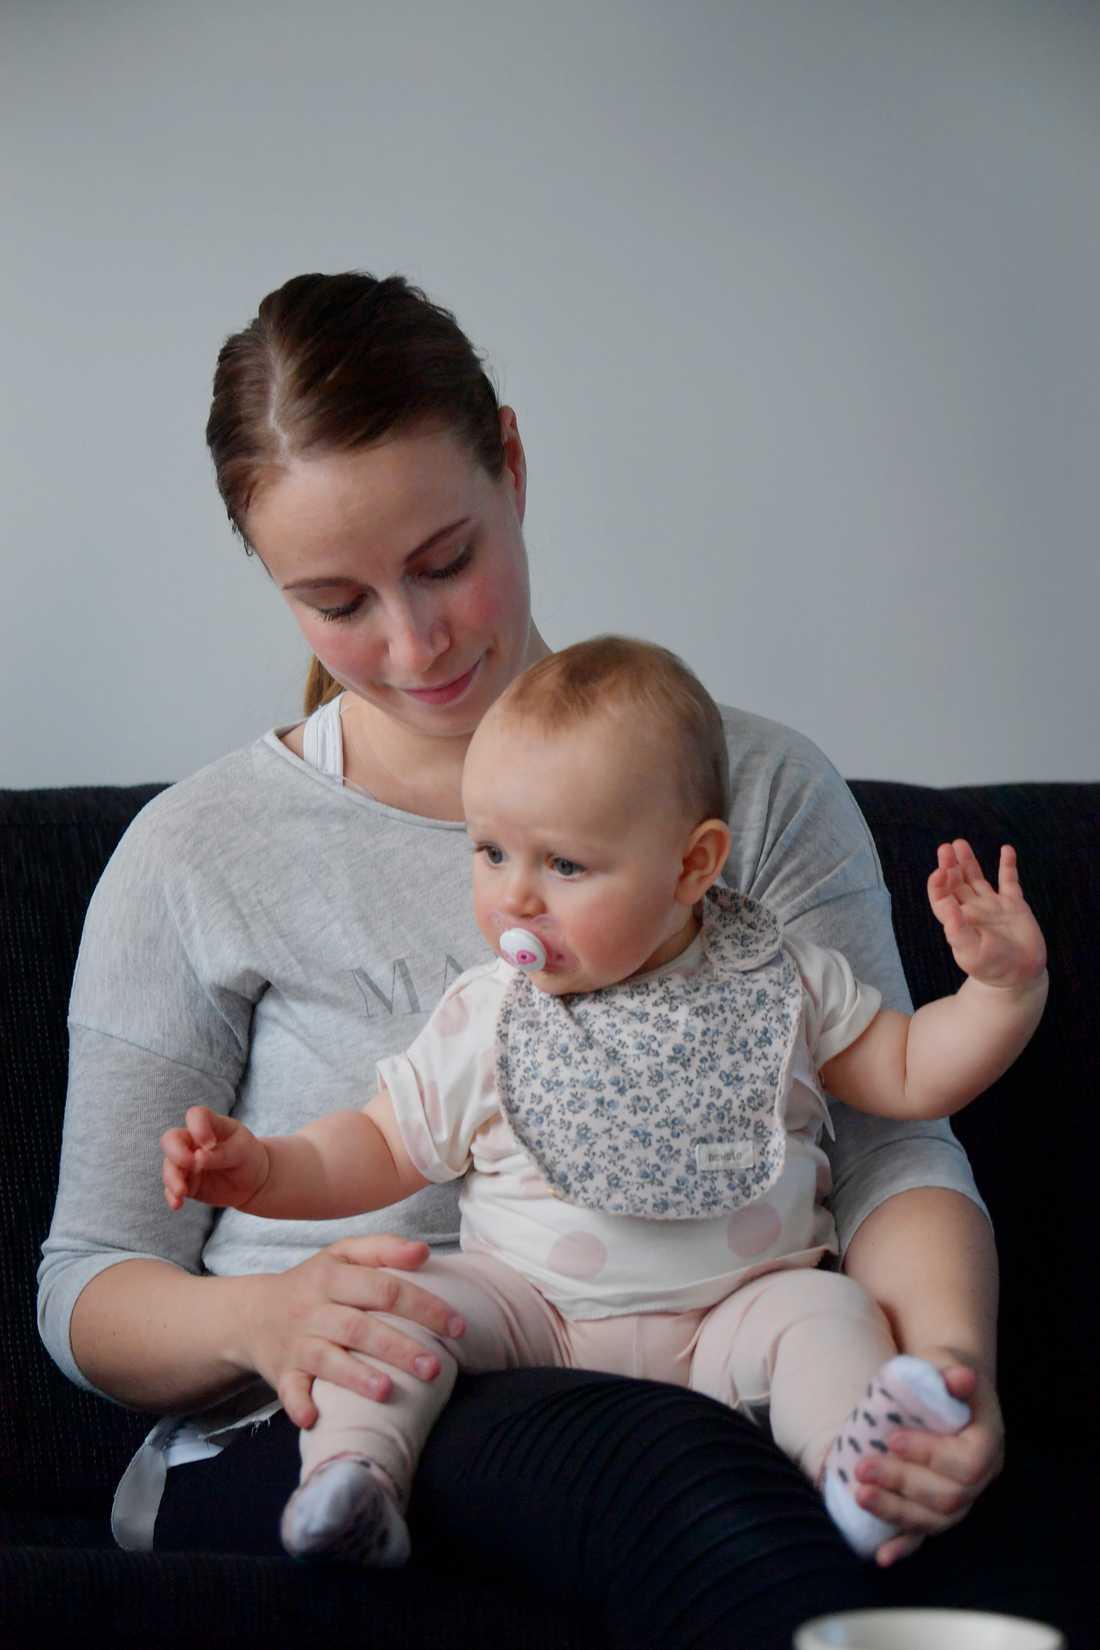 Nadja Sahlén, 26, tillsammans med sin dotter Embla, nio månader. Sedan förlossningen lider Nadja av smärta i underlivet och vid ansträngning kan hon ha svårt att hålla tätt.